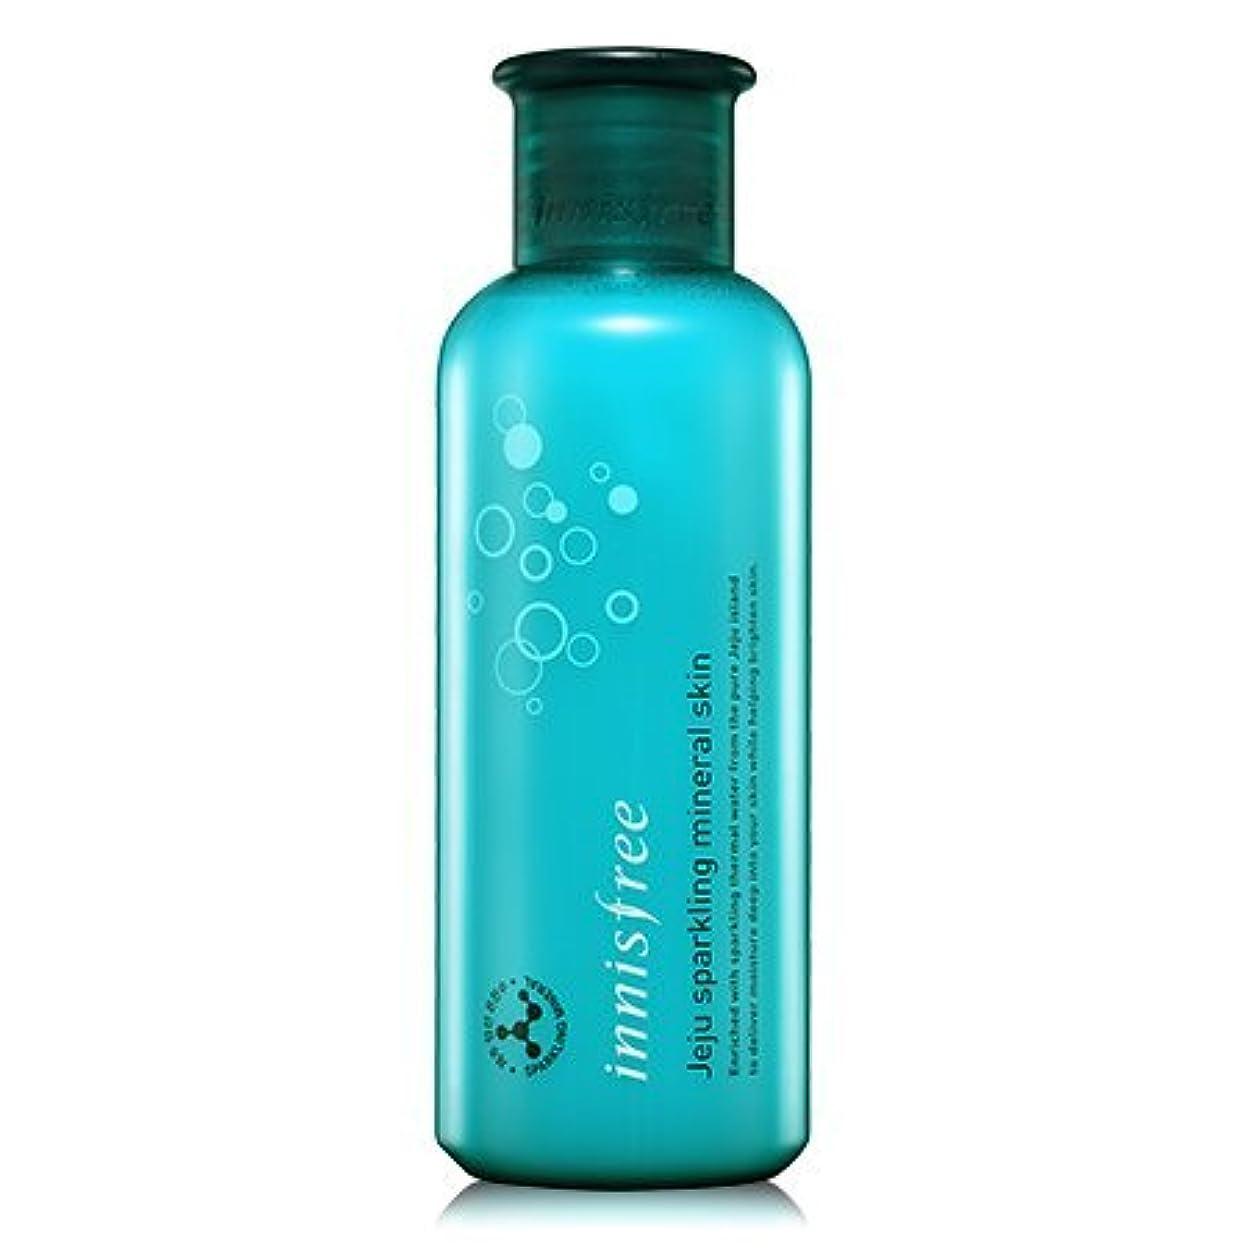 有彩色のダンス指紋[innisfree(イニスフリー)] Jeju sparkling mineral skin (200ml) 済州 スパークリング ミネラル スキン [並行輸入品][海外直送品]